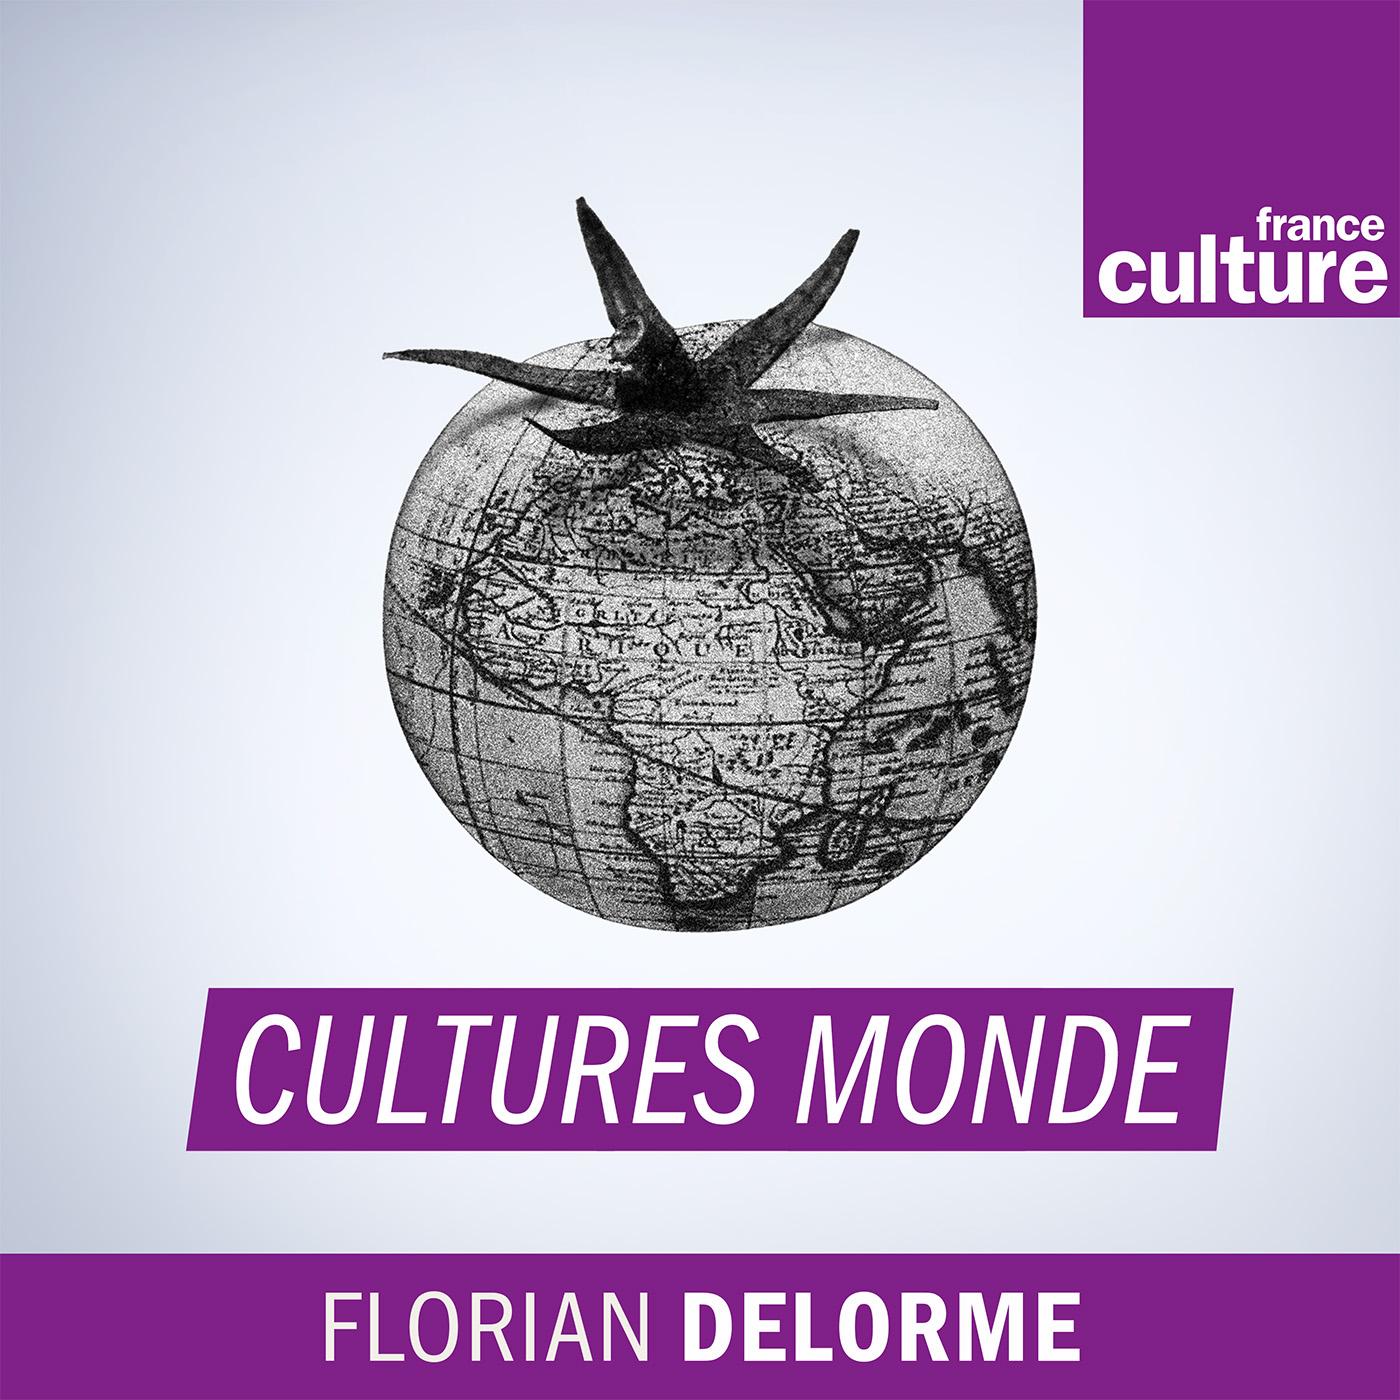 www rencontre2000 com